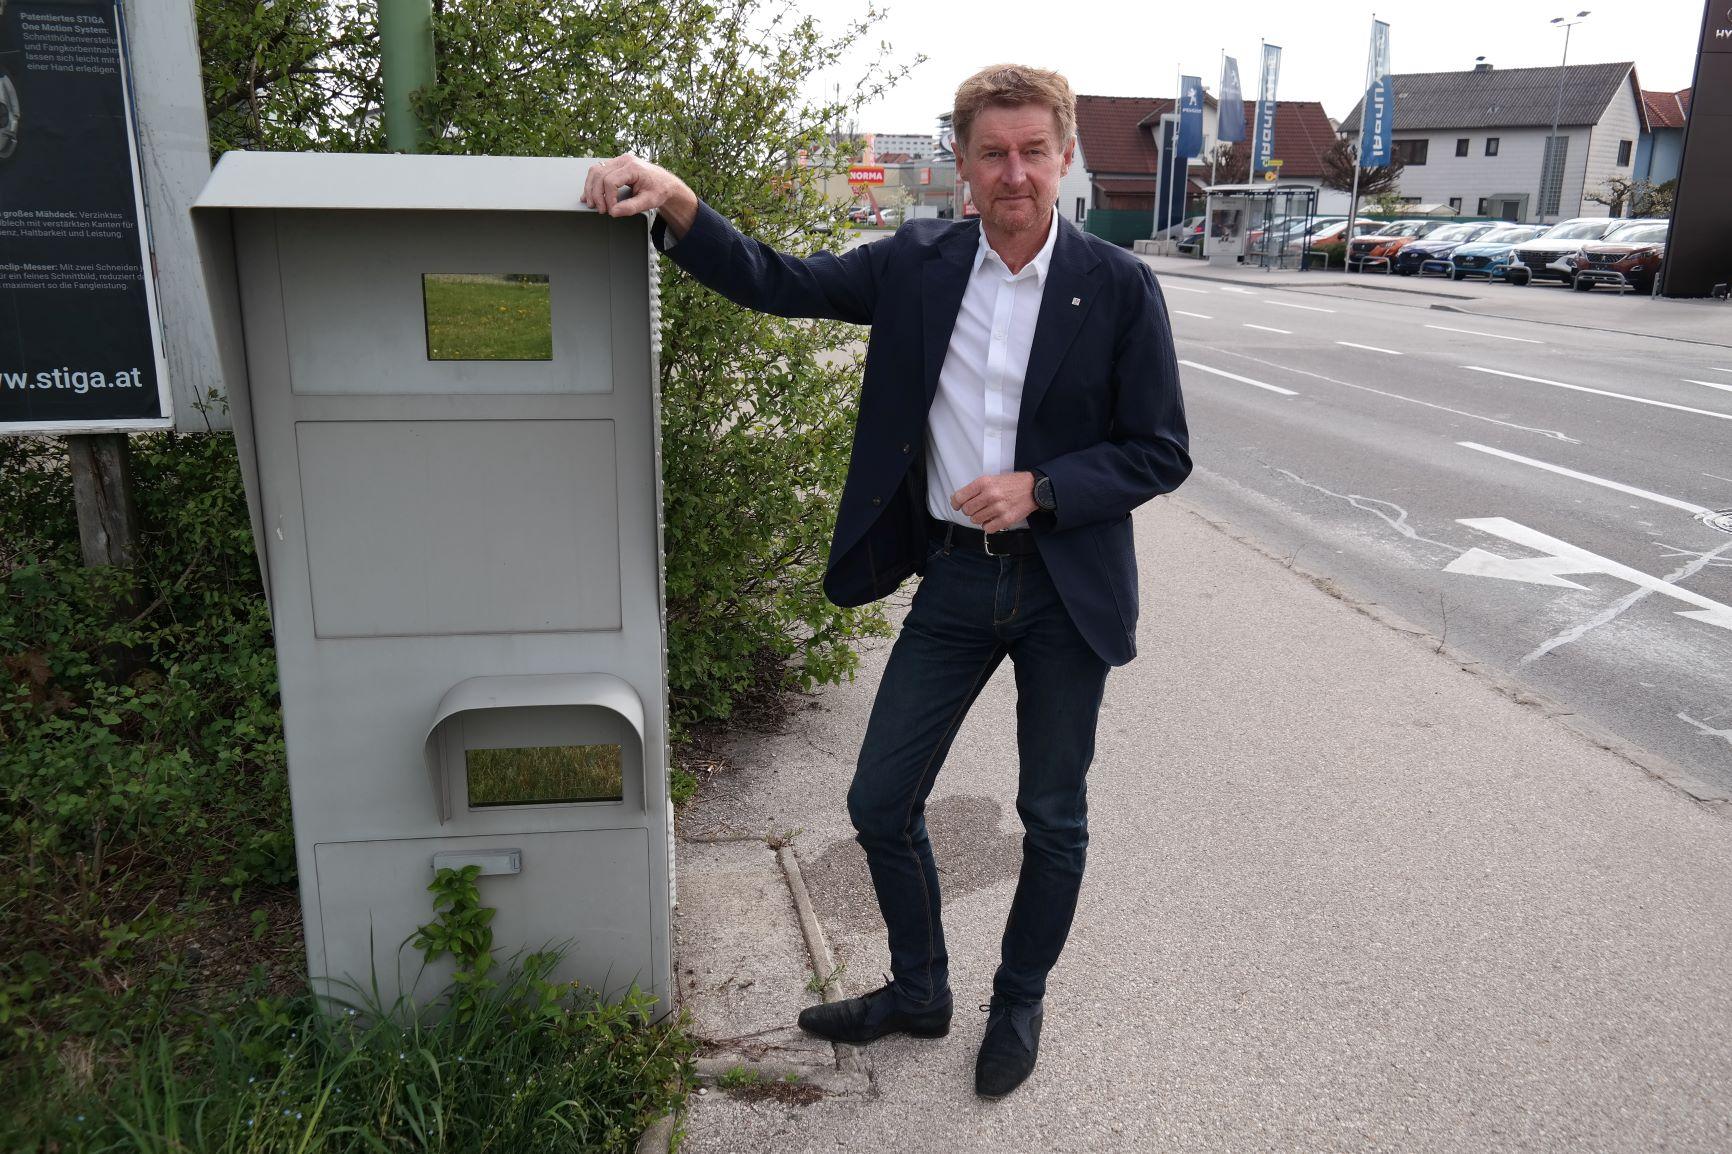 Vzbgm. Gerhard Kroiß neben einem Radar auf der Salzburgerstraße in Wels